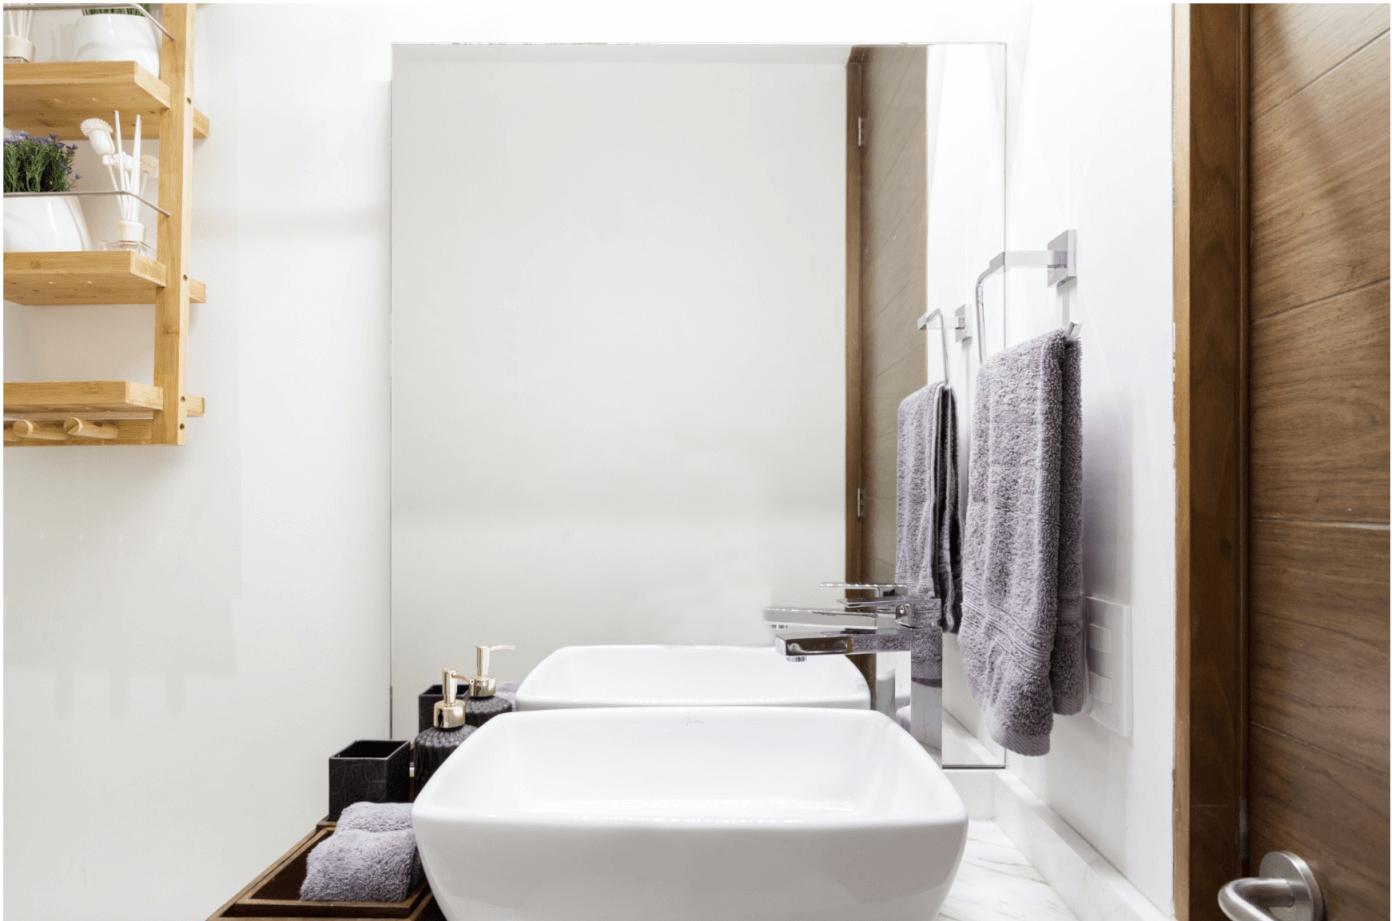 Mexico City Condesa AirBnB Bathroom